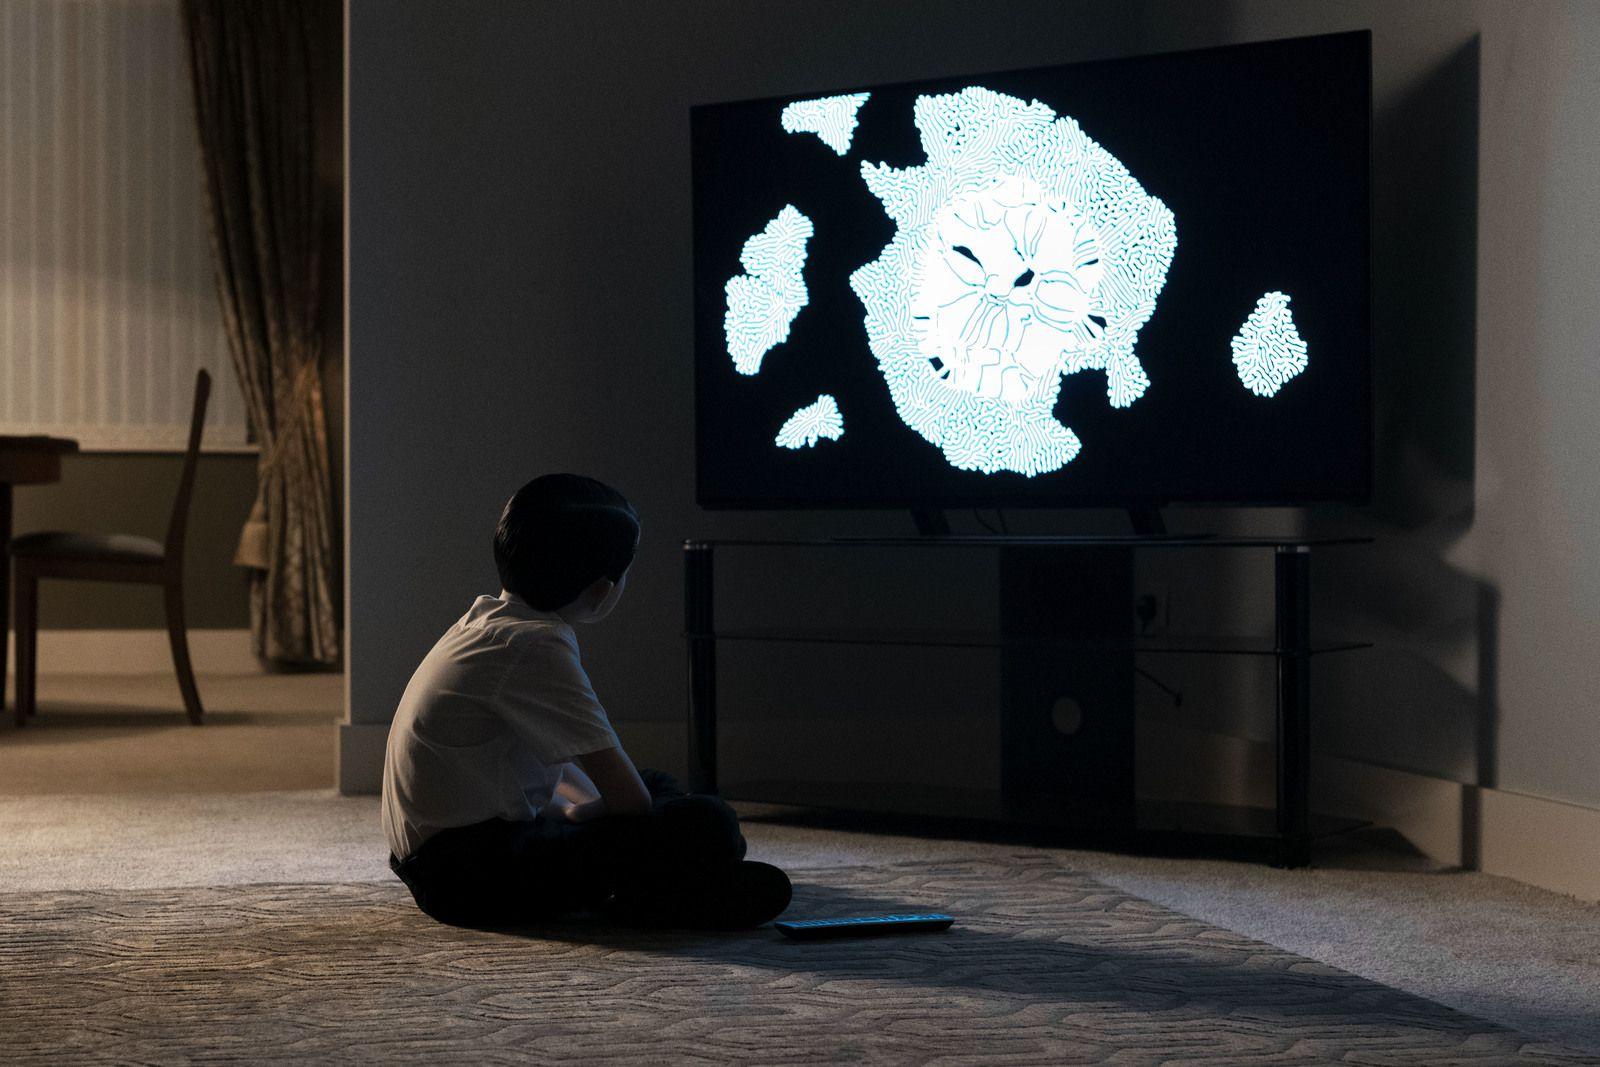 VIVARIUM avec Jesse Eisenberg, Imogen Poots au Cinéma le 11 Mars 2020